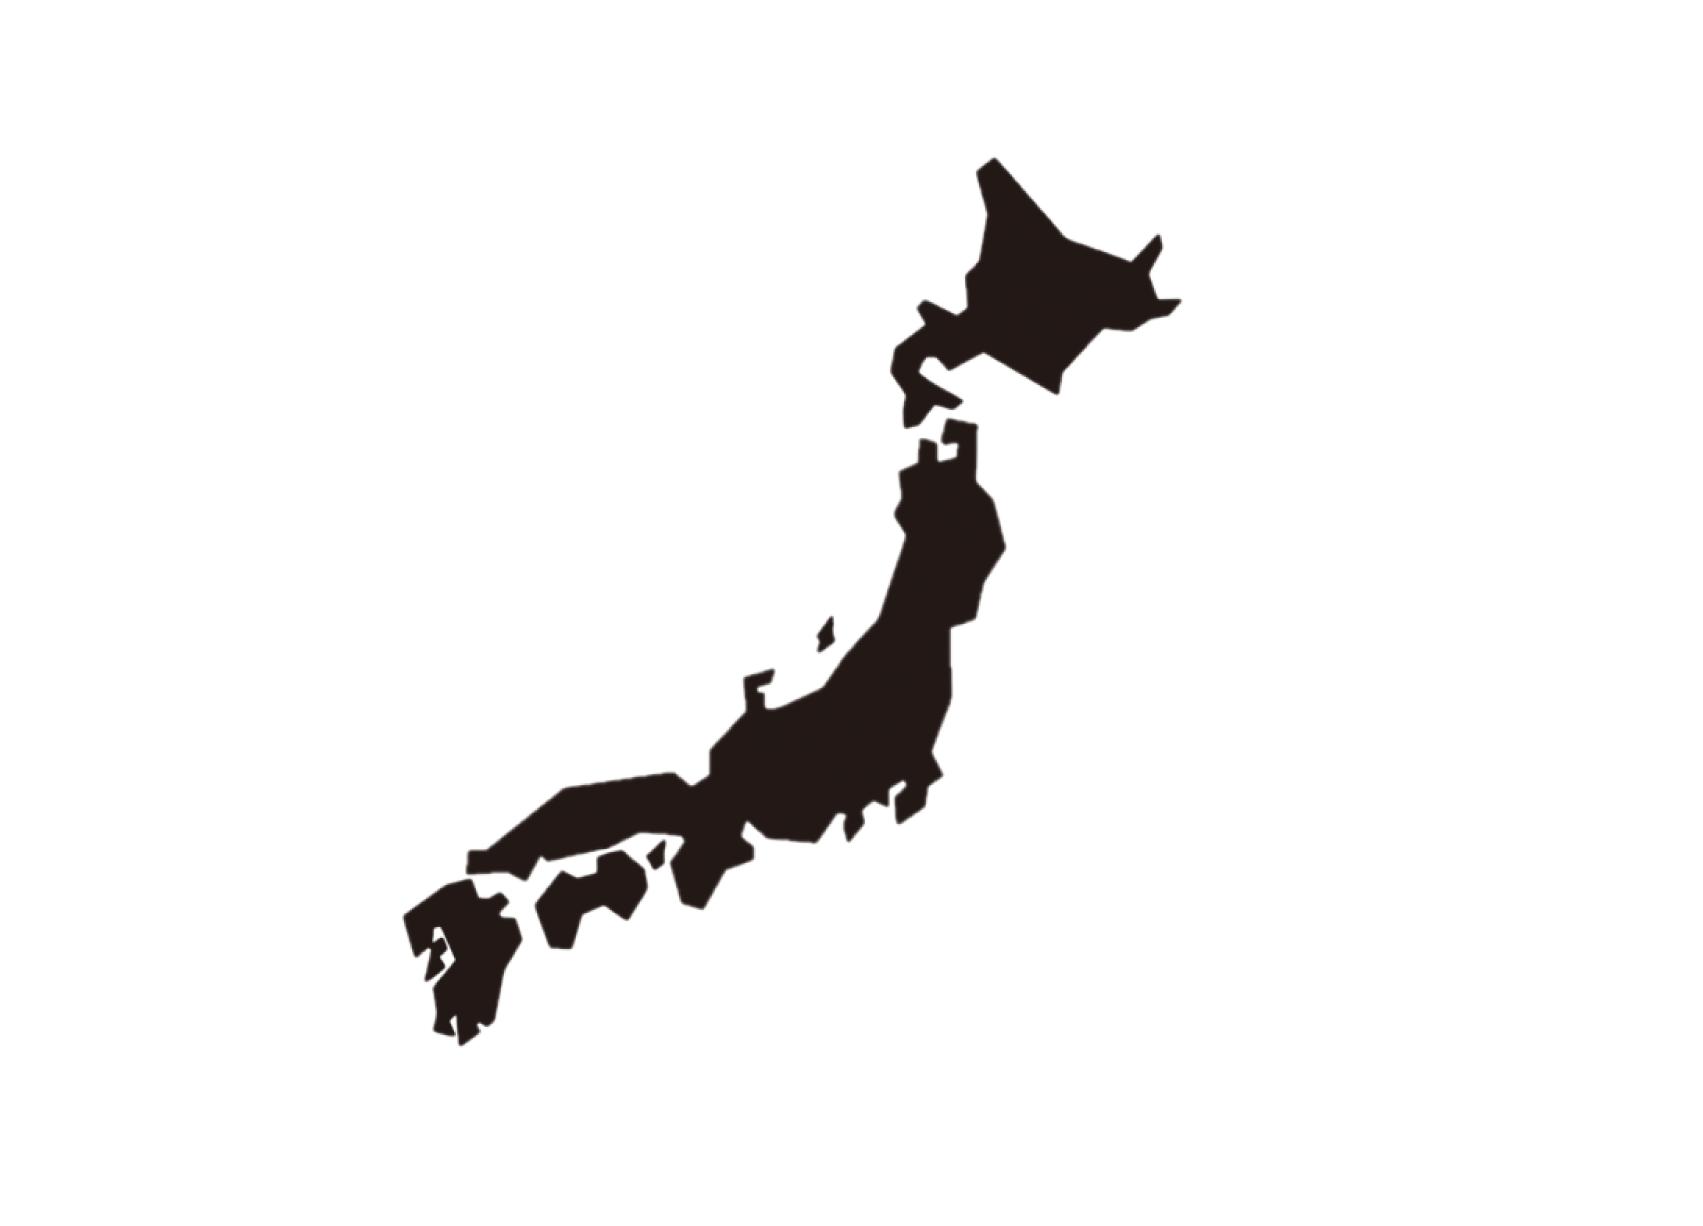 全国の幅広い地域に対応できることの強み 会社紹介 九州運輸建設株式会社 北九州市